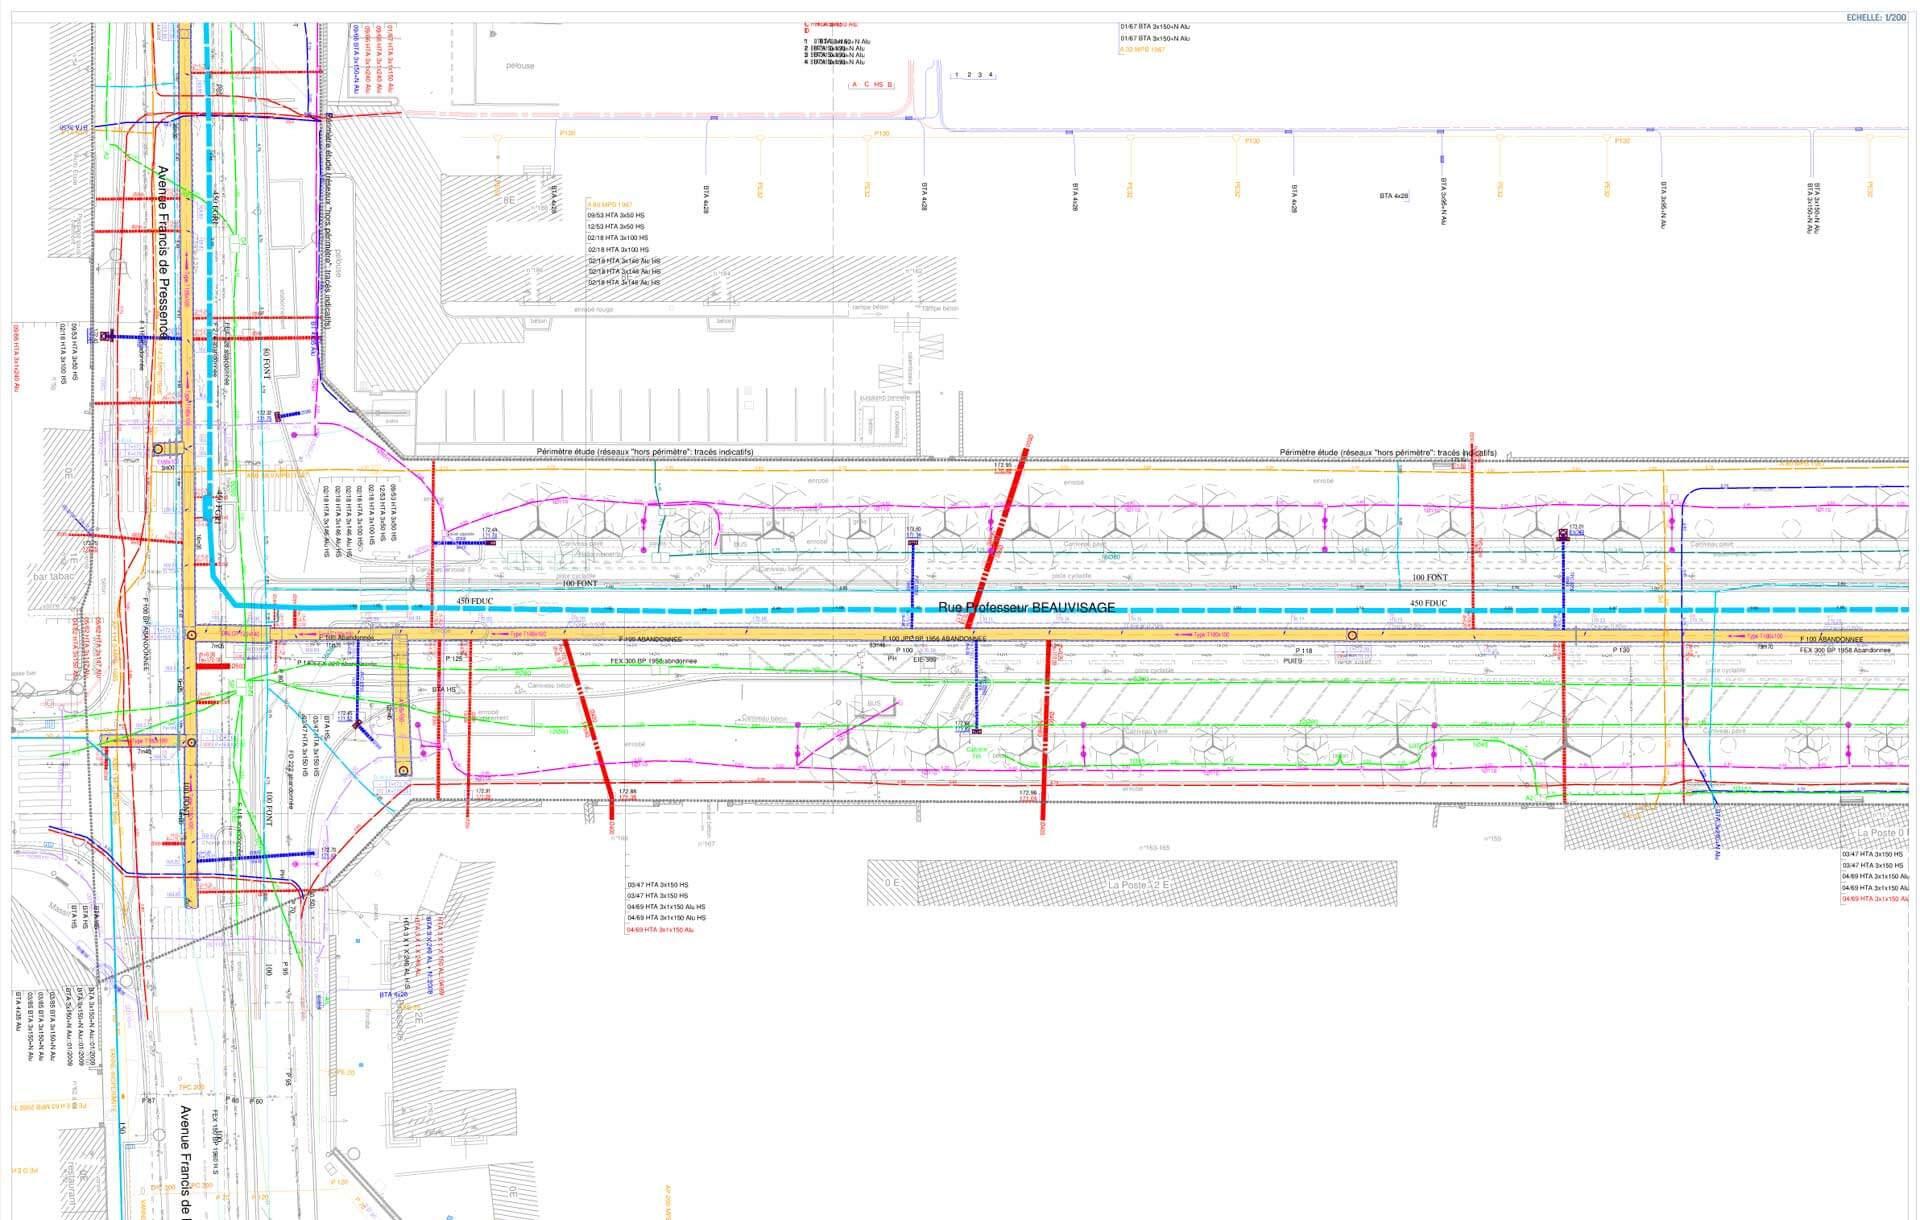 TRAM T6 LYON détection de réseaux enterrés par Detect Réseaux Vénissieux